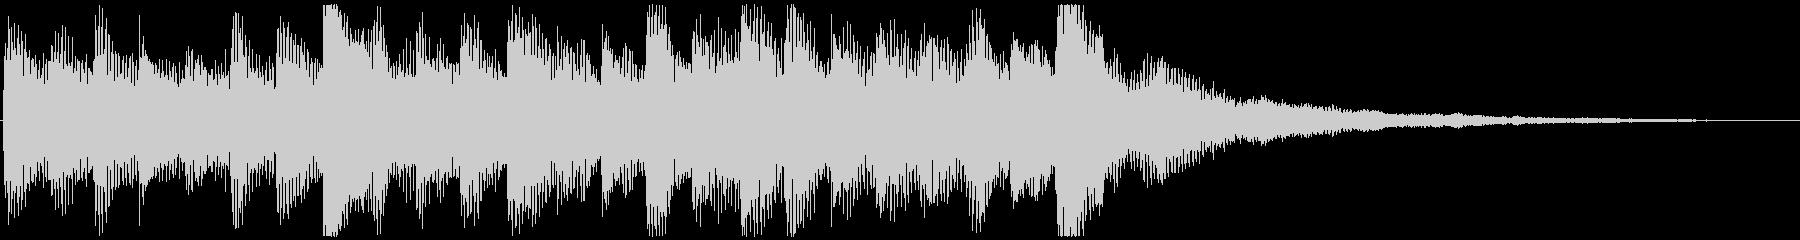 駆け出す ピアノ&サウンドエフェクトの未再生の波形